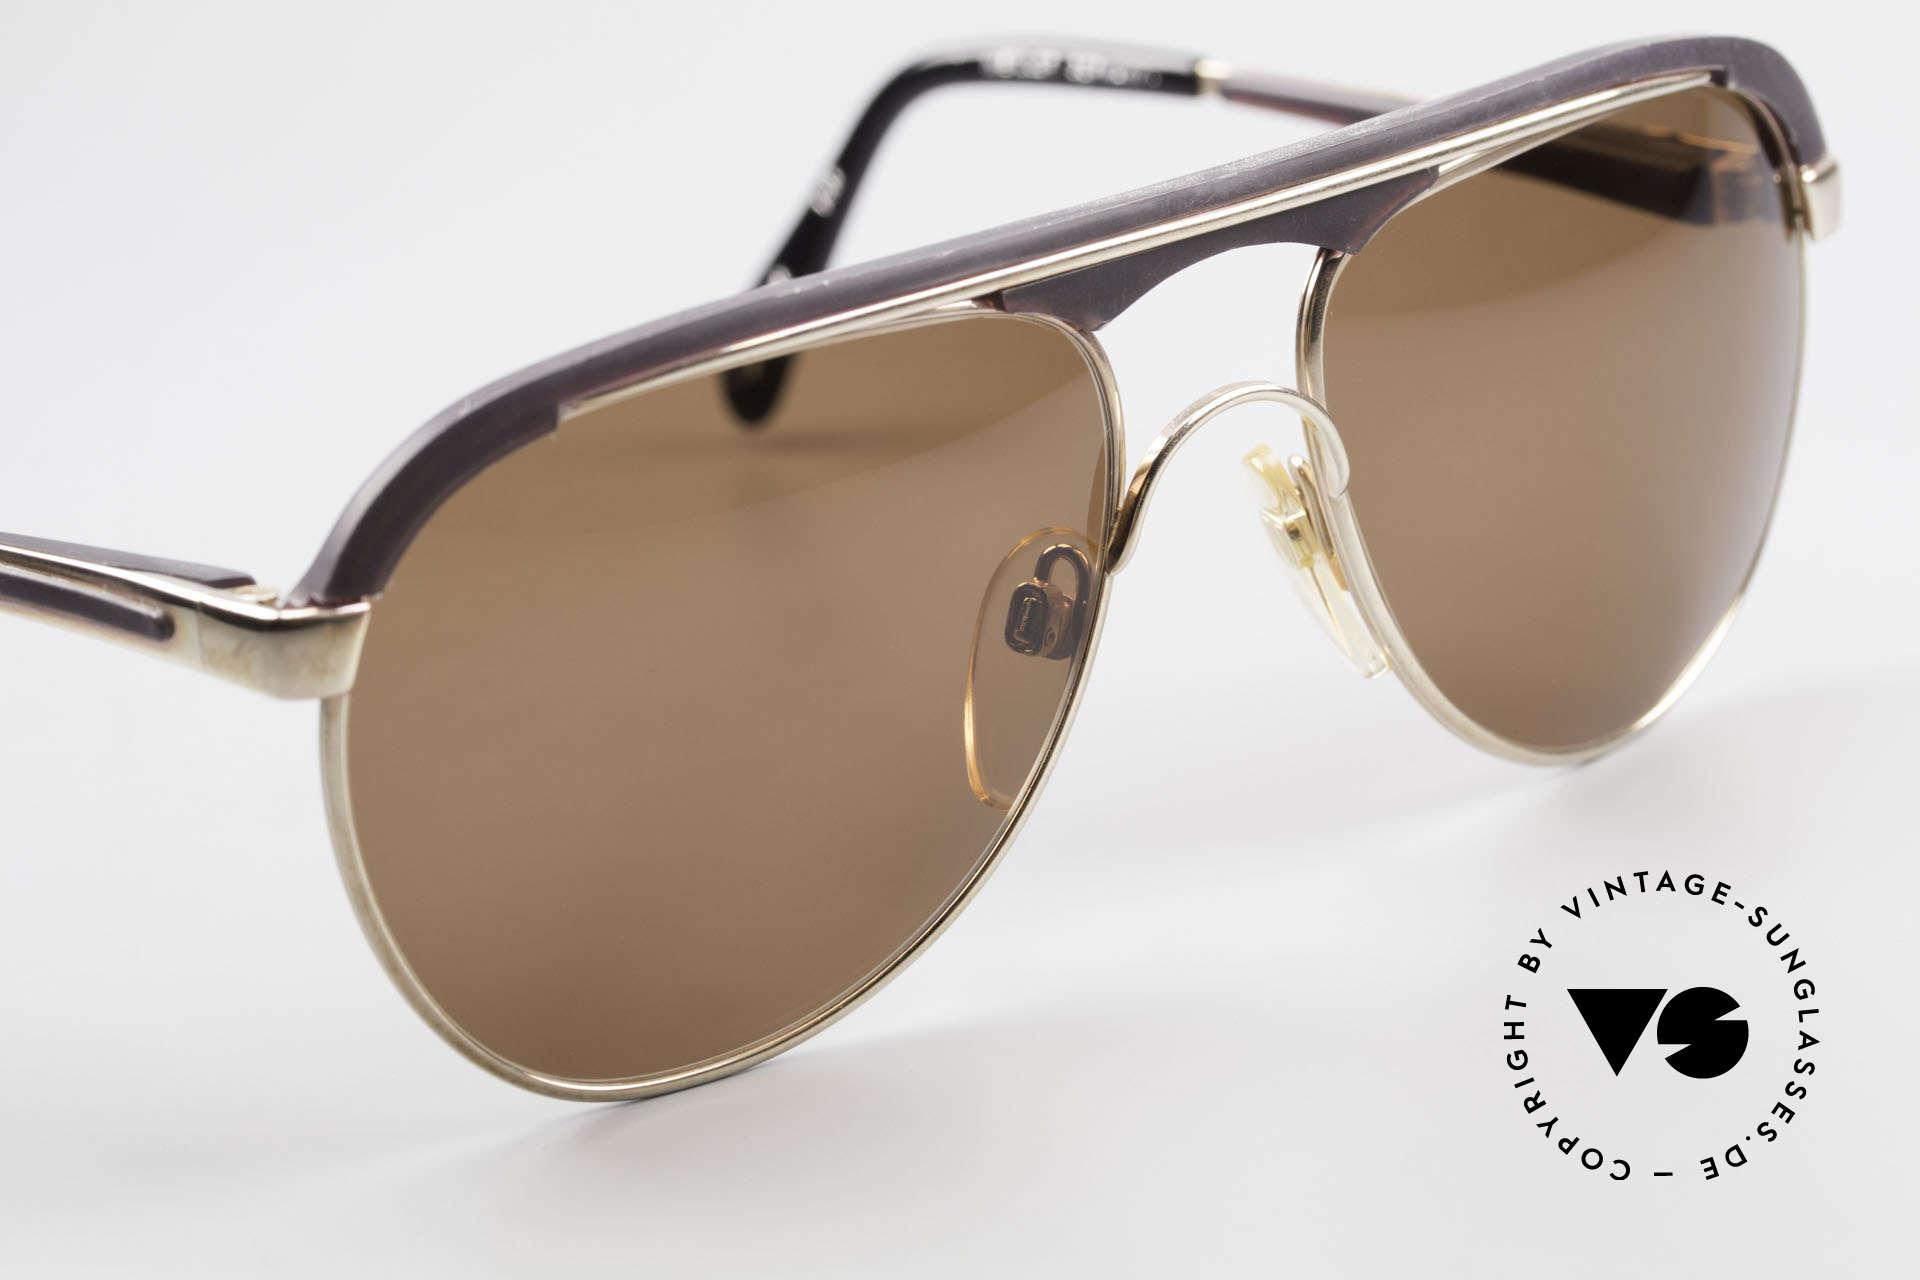 Metzler 0250 Echt 80er Sportsonnenbrille, KEINE RETRObrille; ein 35 Jahre altes ORIGINAL!, Passend für Herren